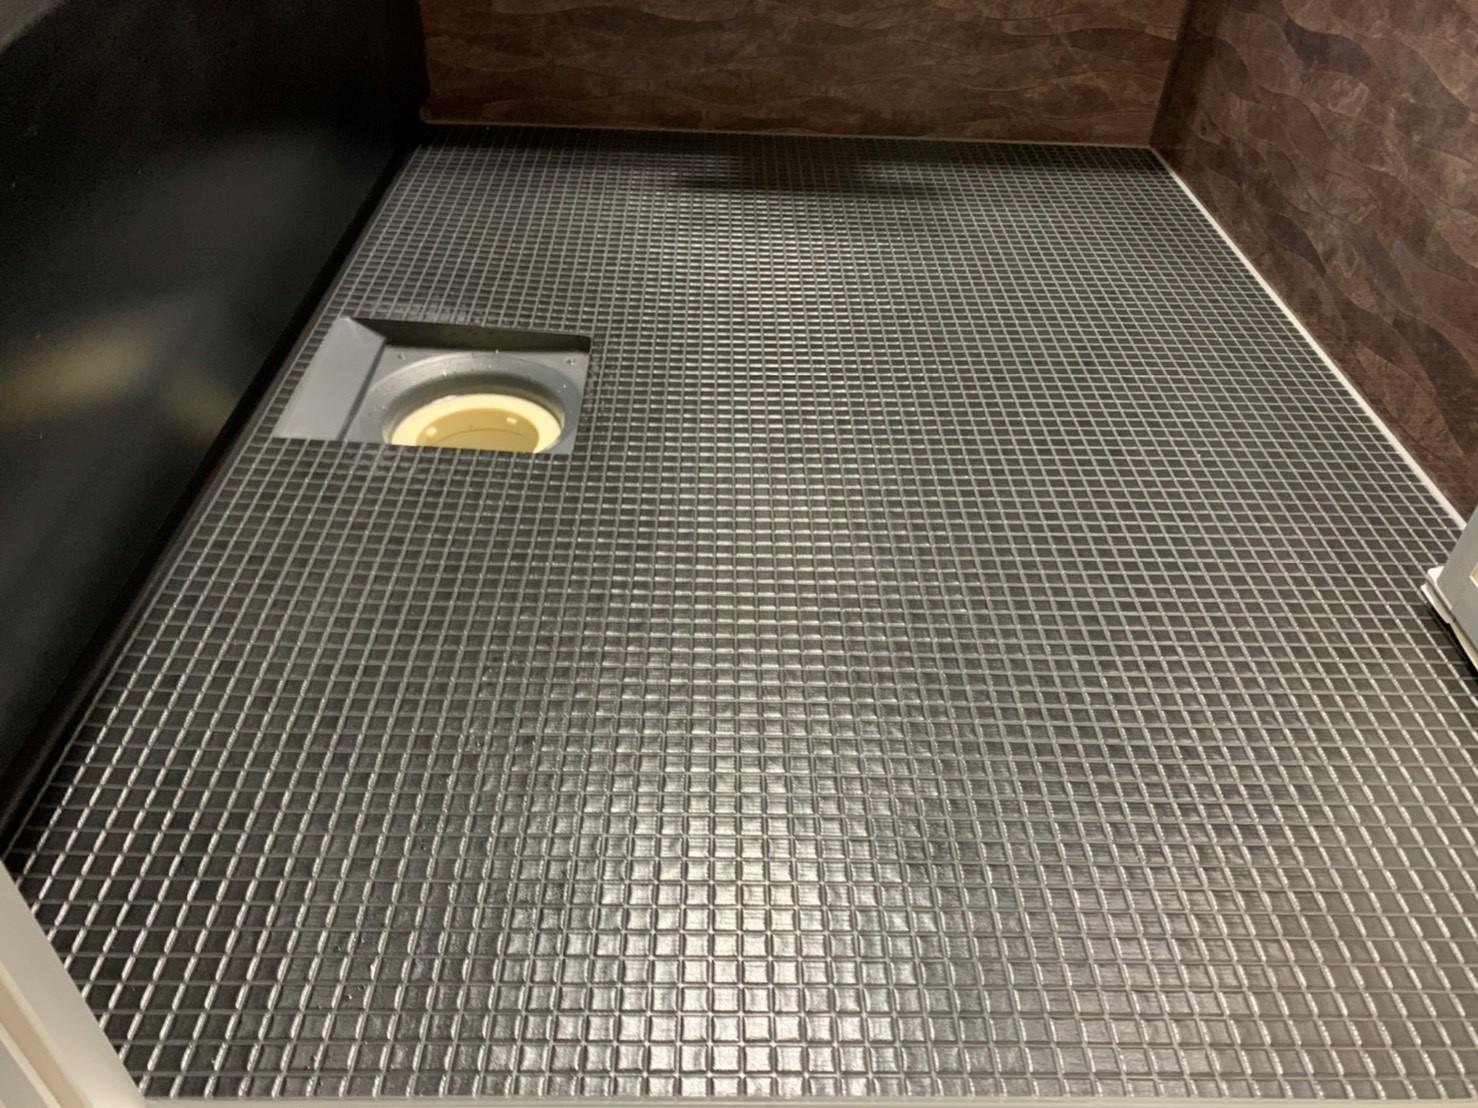 お風呂(浴室)の清掃&水回りコーティングを横浜市青葉区あざみ野にて行いました。【施工事例23】